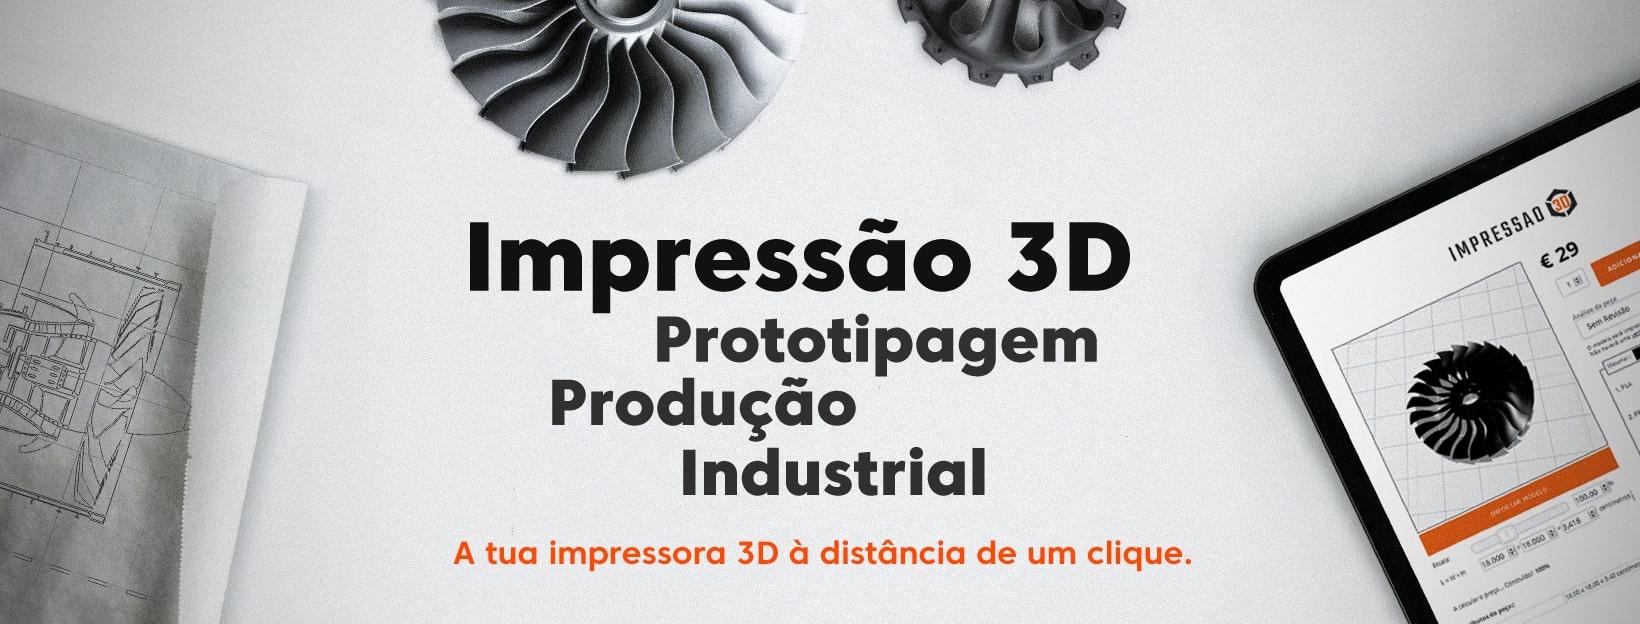 Impressão 3D - Prototipagem e produção industrial em Portugal